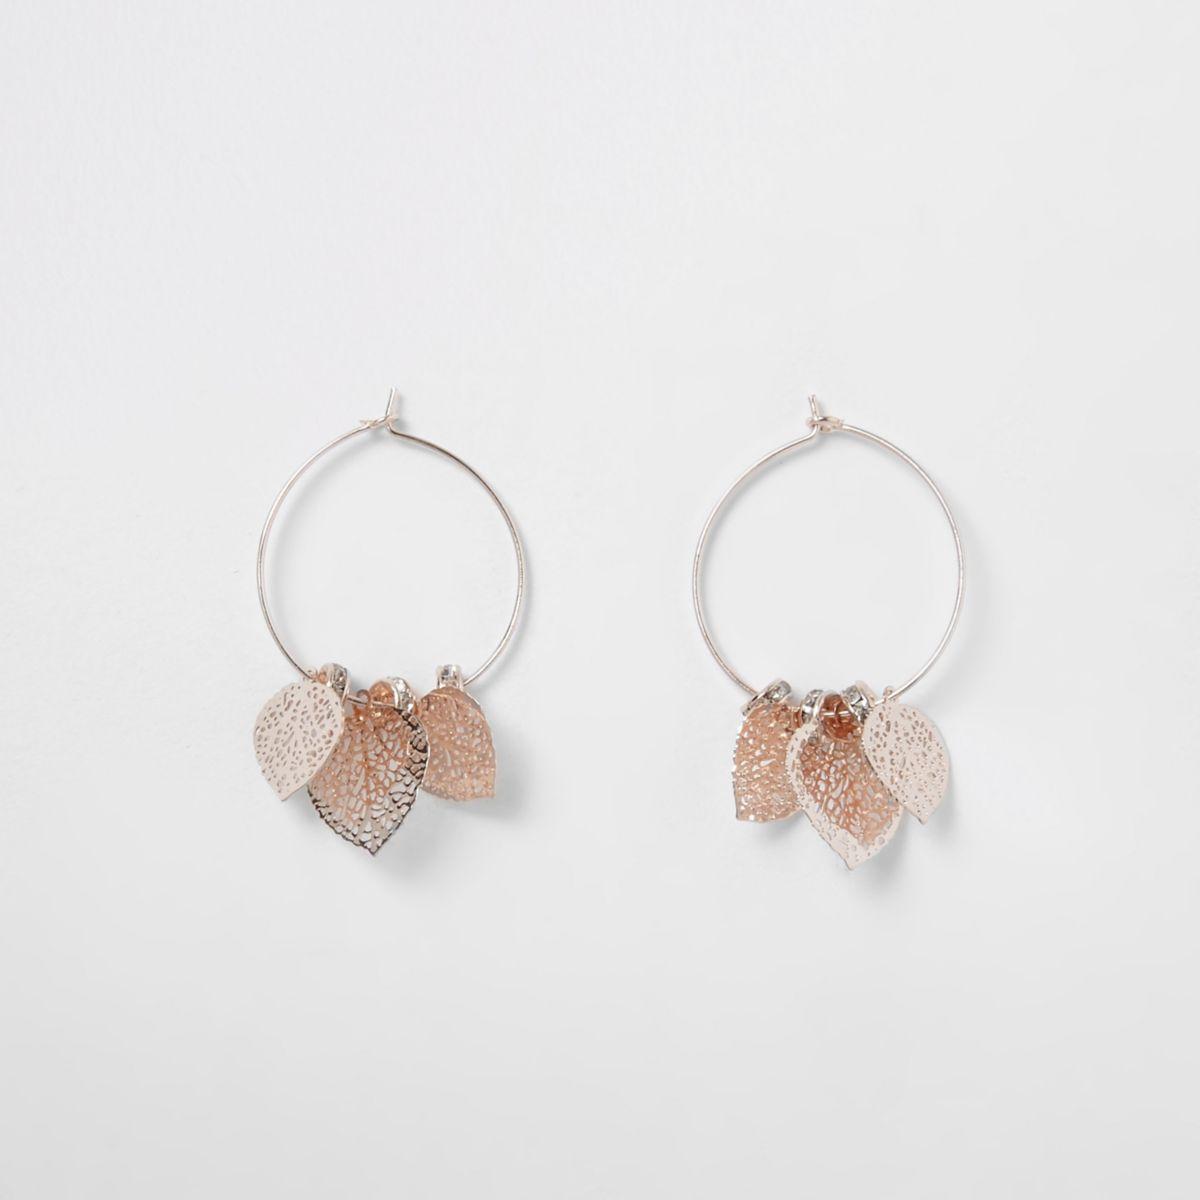 Rose gold tone filigree hoop earrings